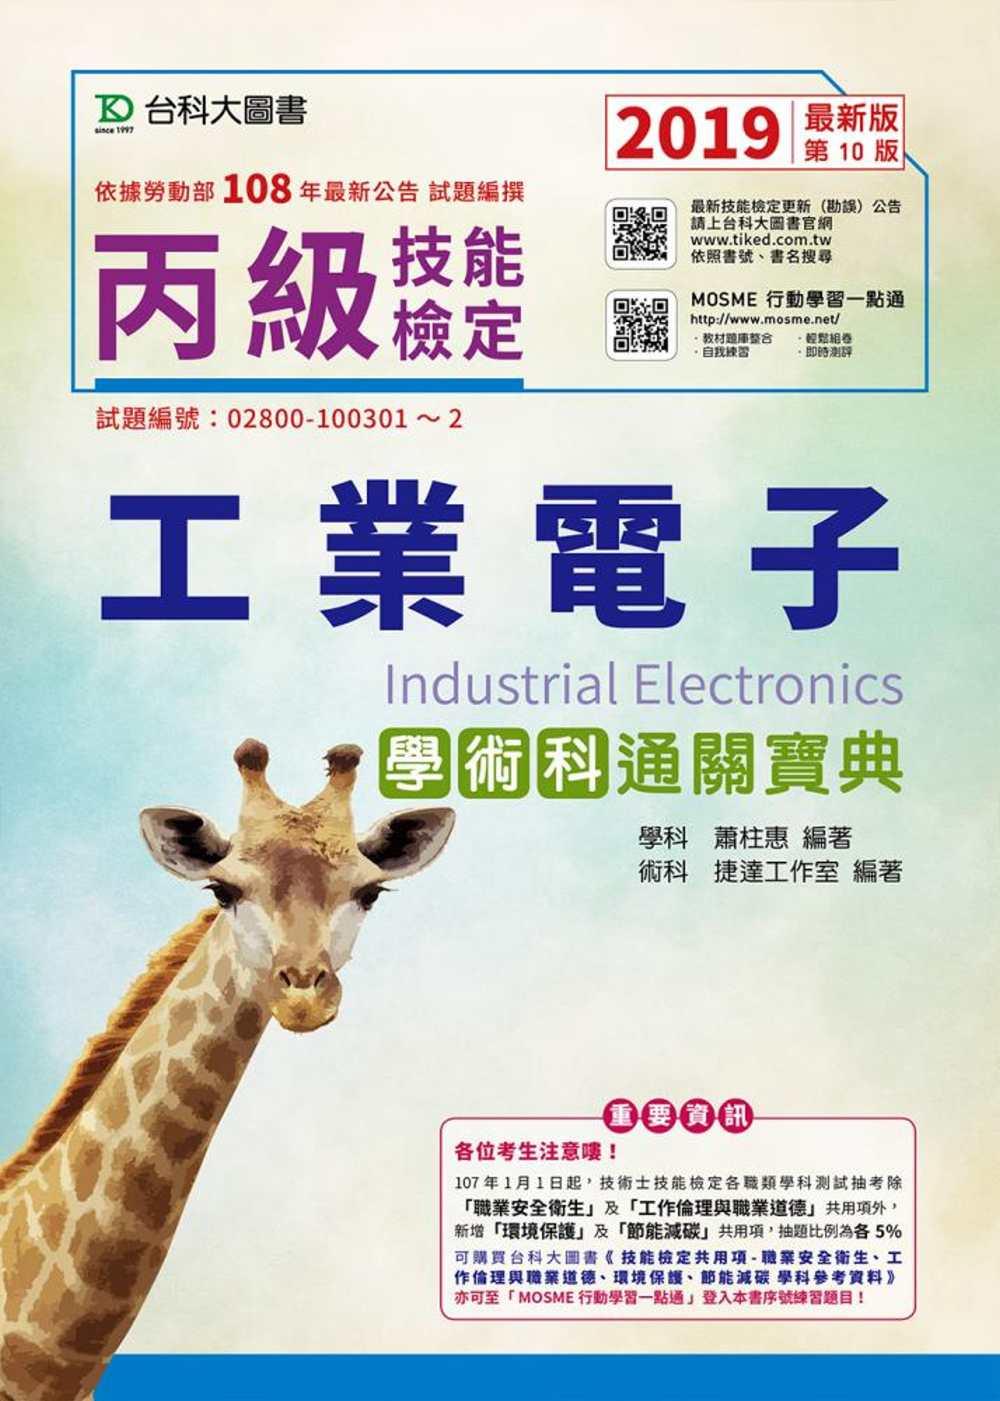 丙級工業電子學術科通關寶典2019年最新版(第十版)(附贈MOSME行動學習一點通)